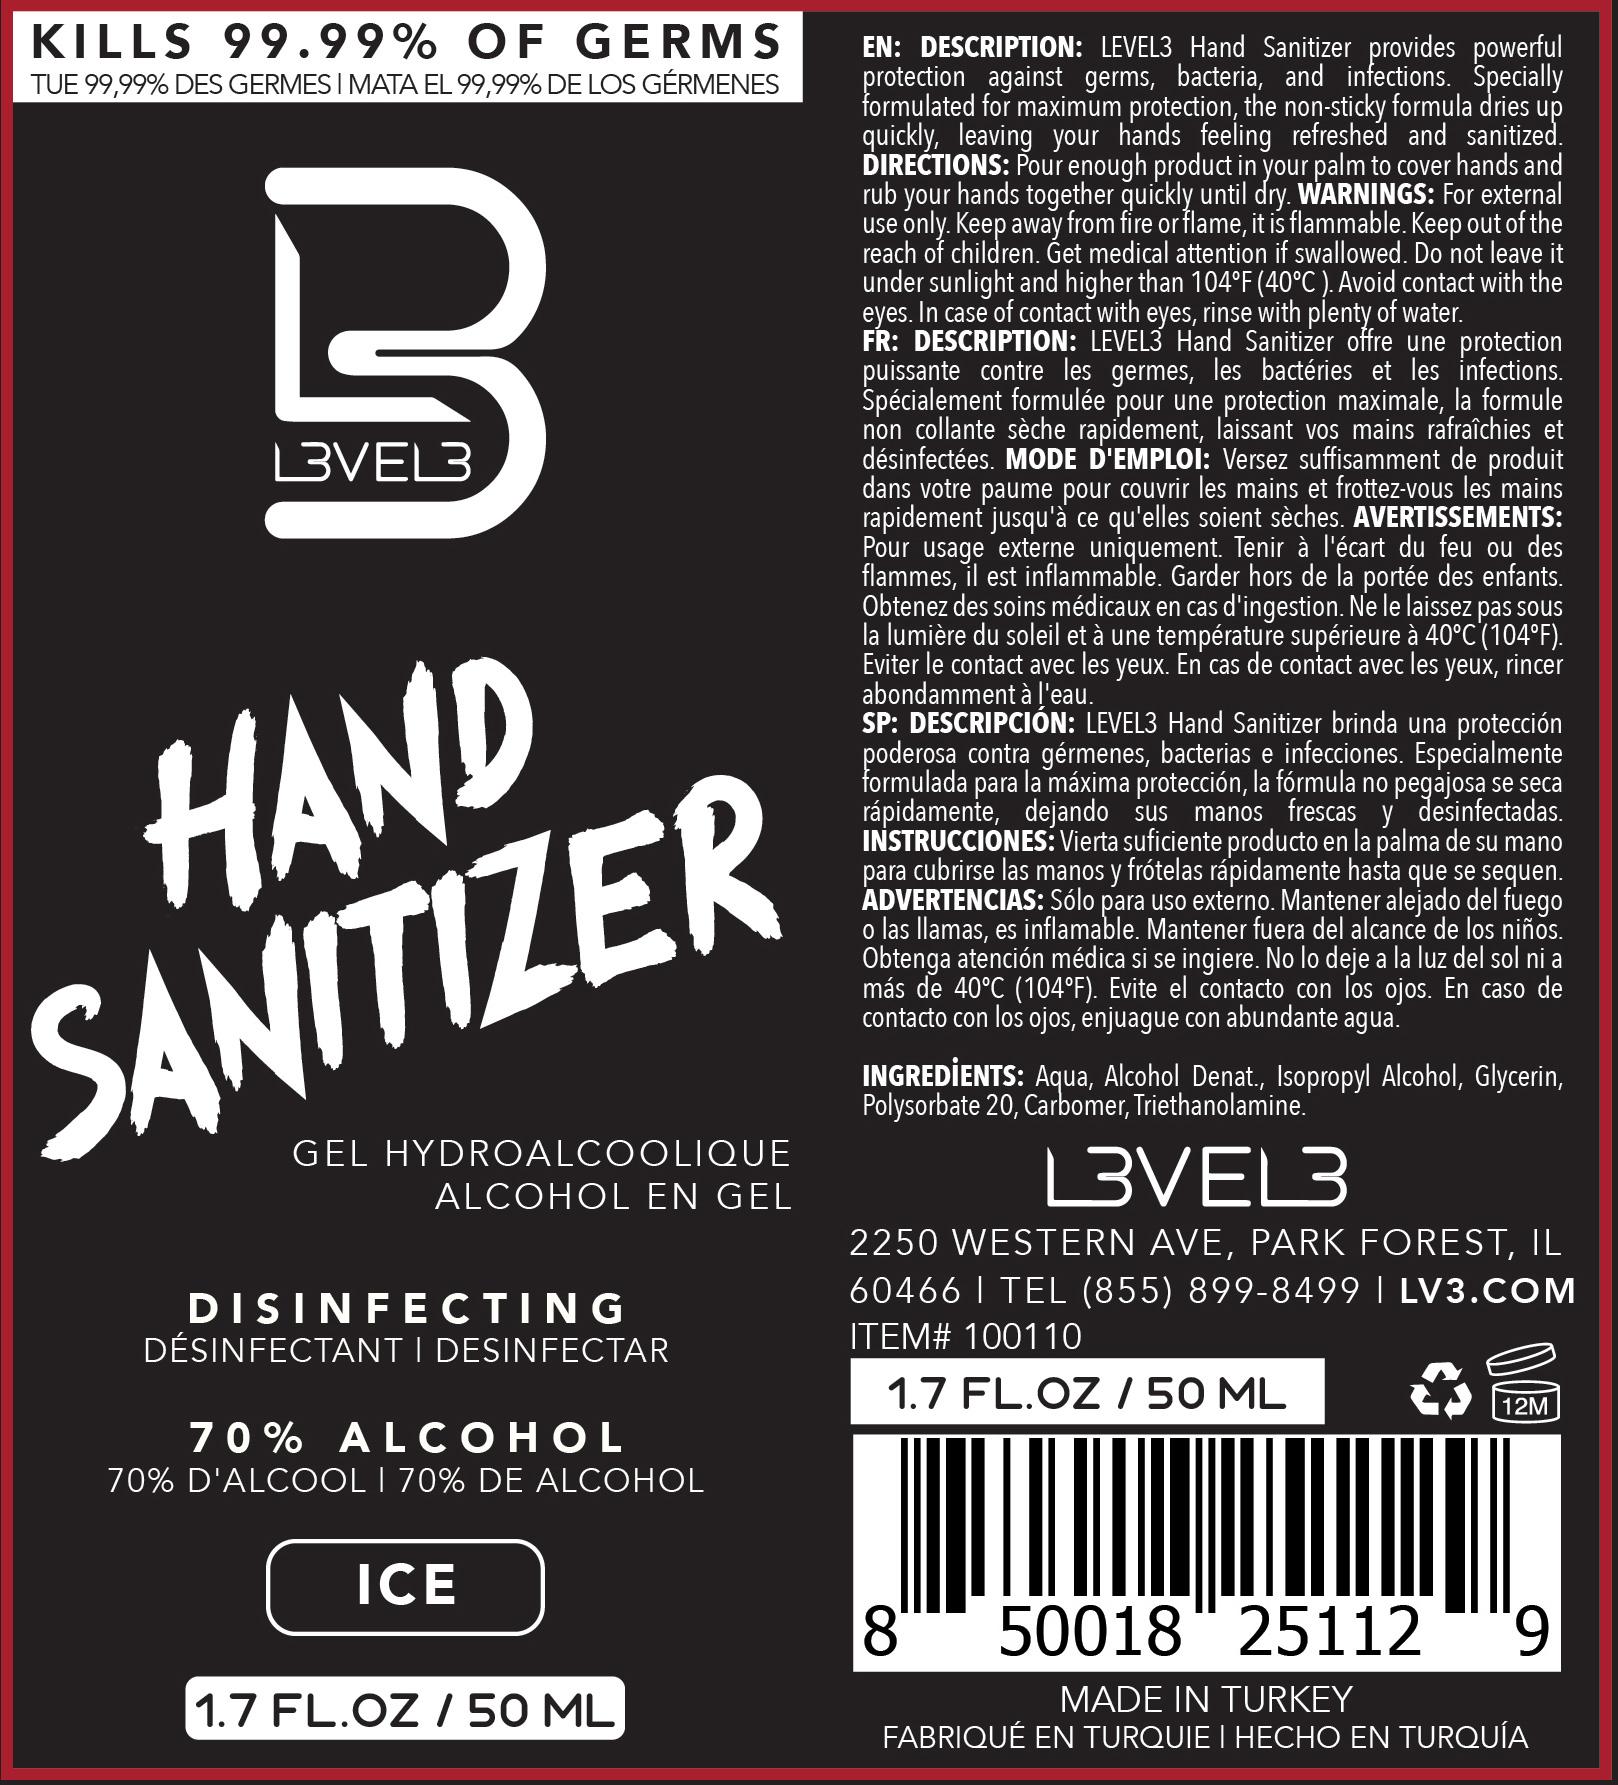 Ice 50ml Label